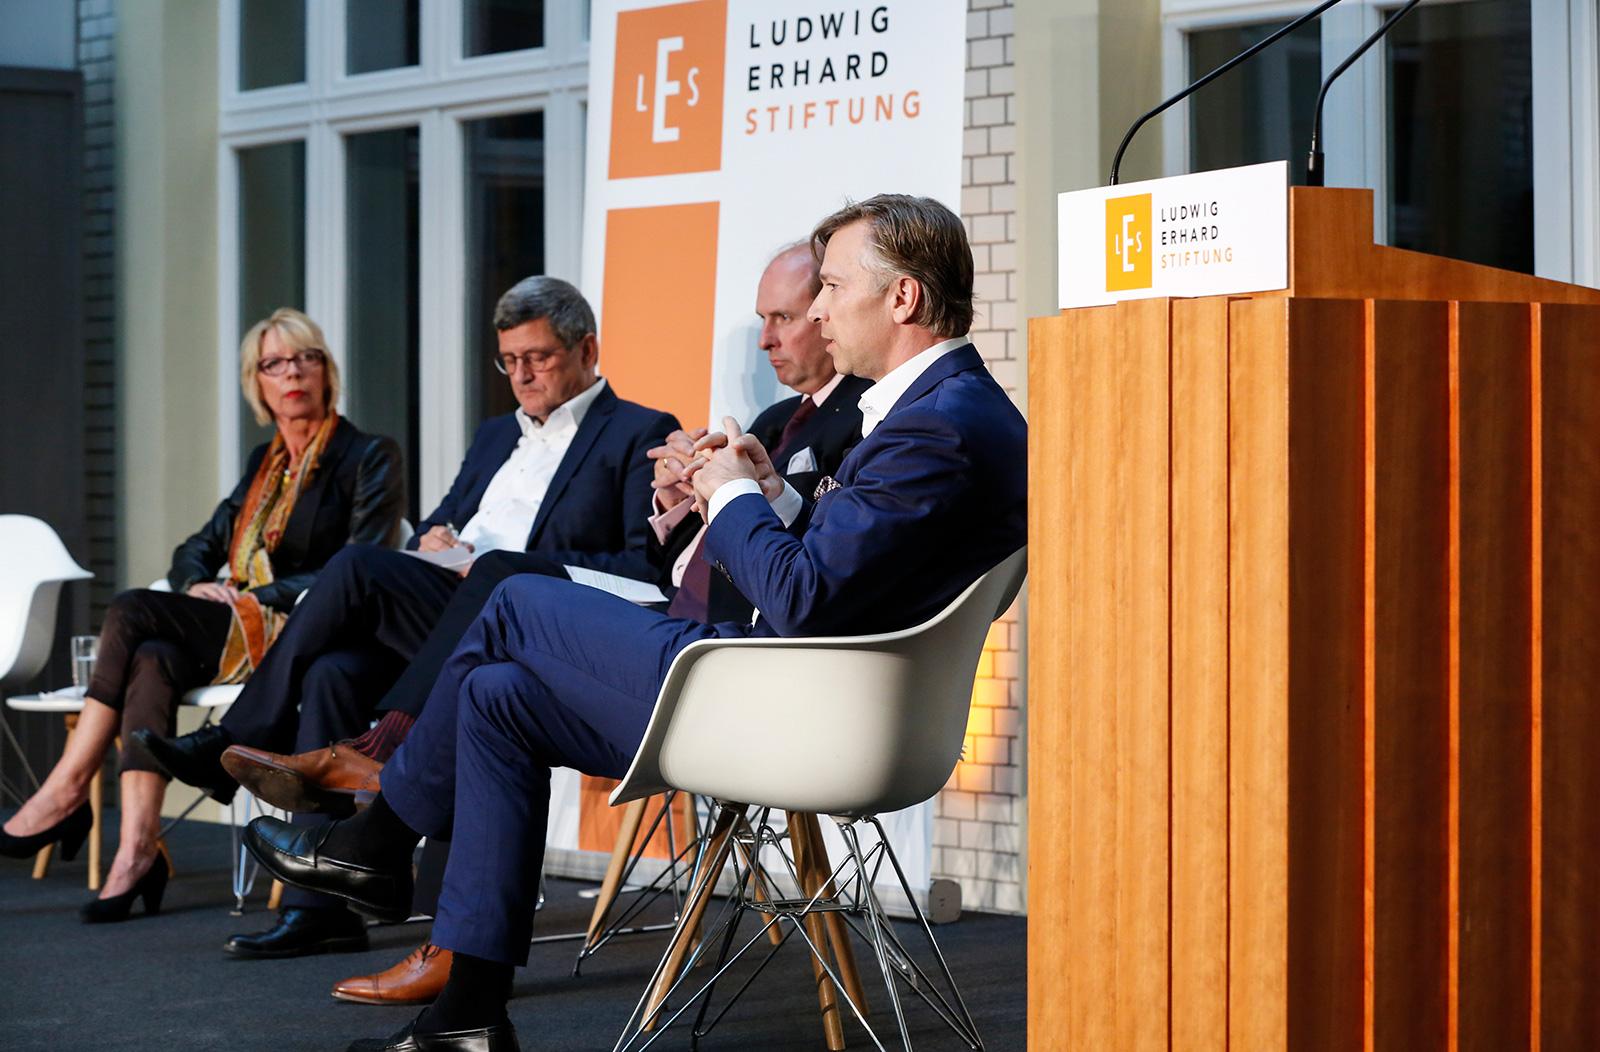 © Ludwig-Erhard-Stiftung / Fotos: Dirk Hasskarl